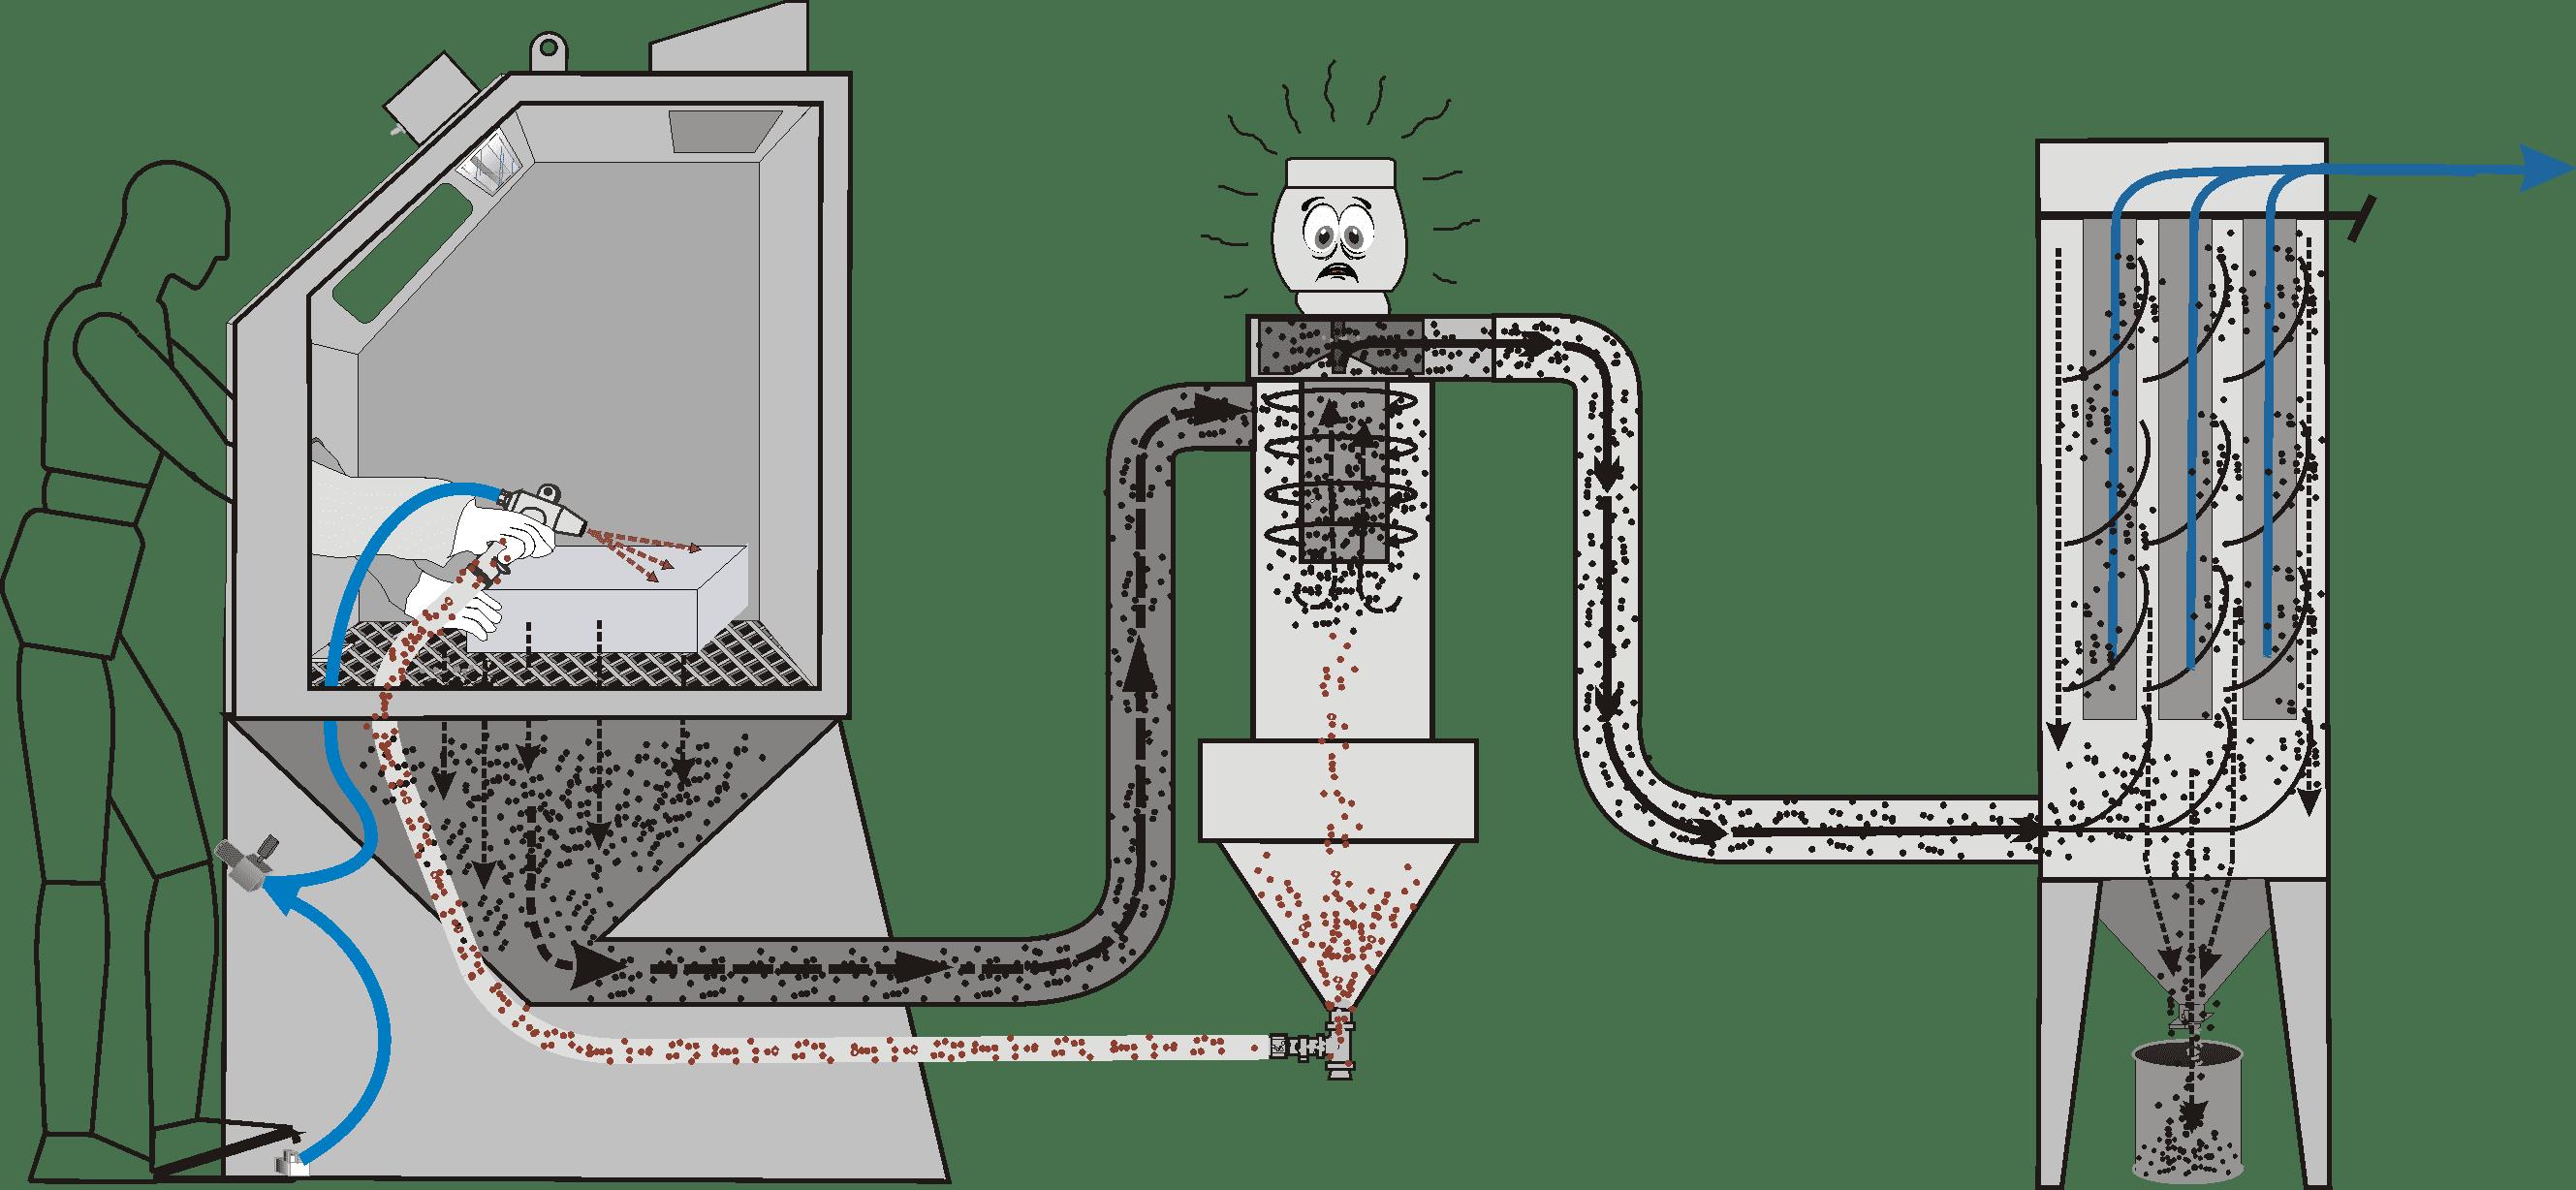 Dépoussiéreur avec turbine installée du côté sale